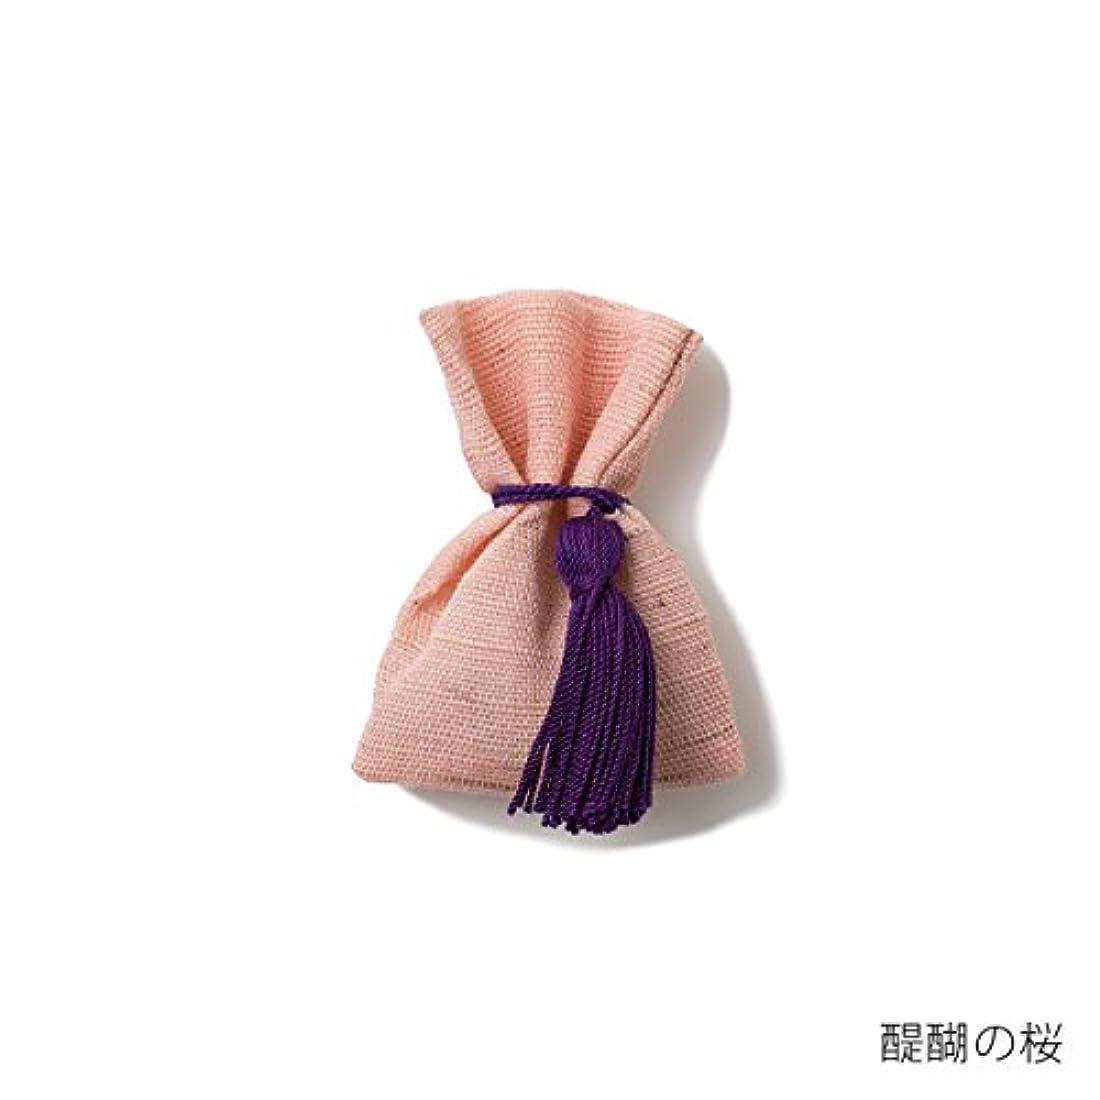 章残基上下する【薫玉堂】 京の香り 香袋 醍醐の桜